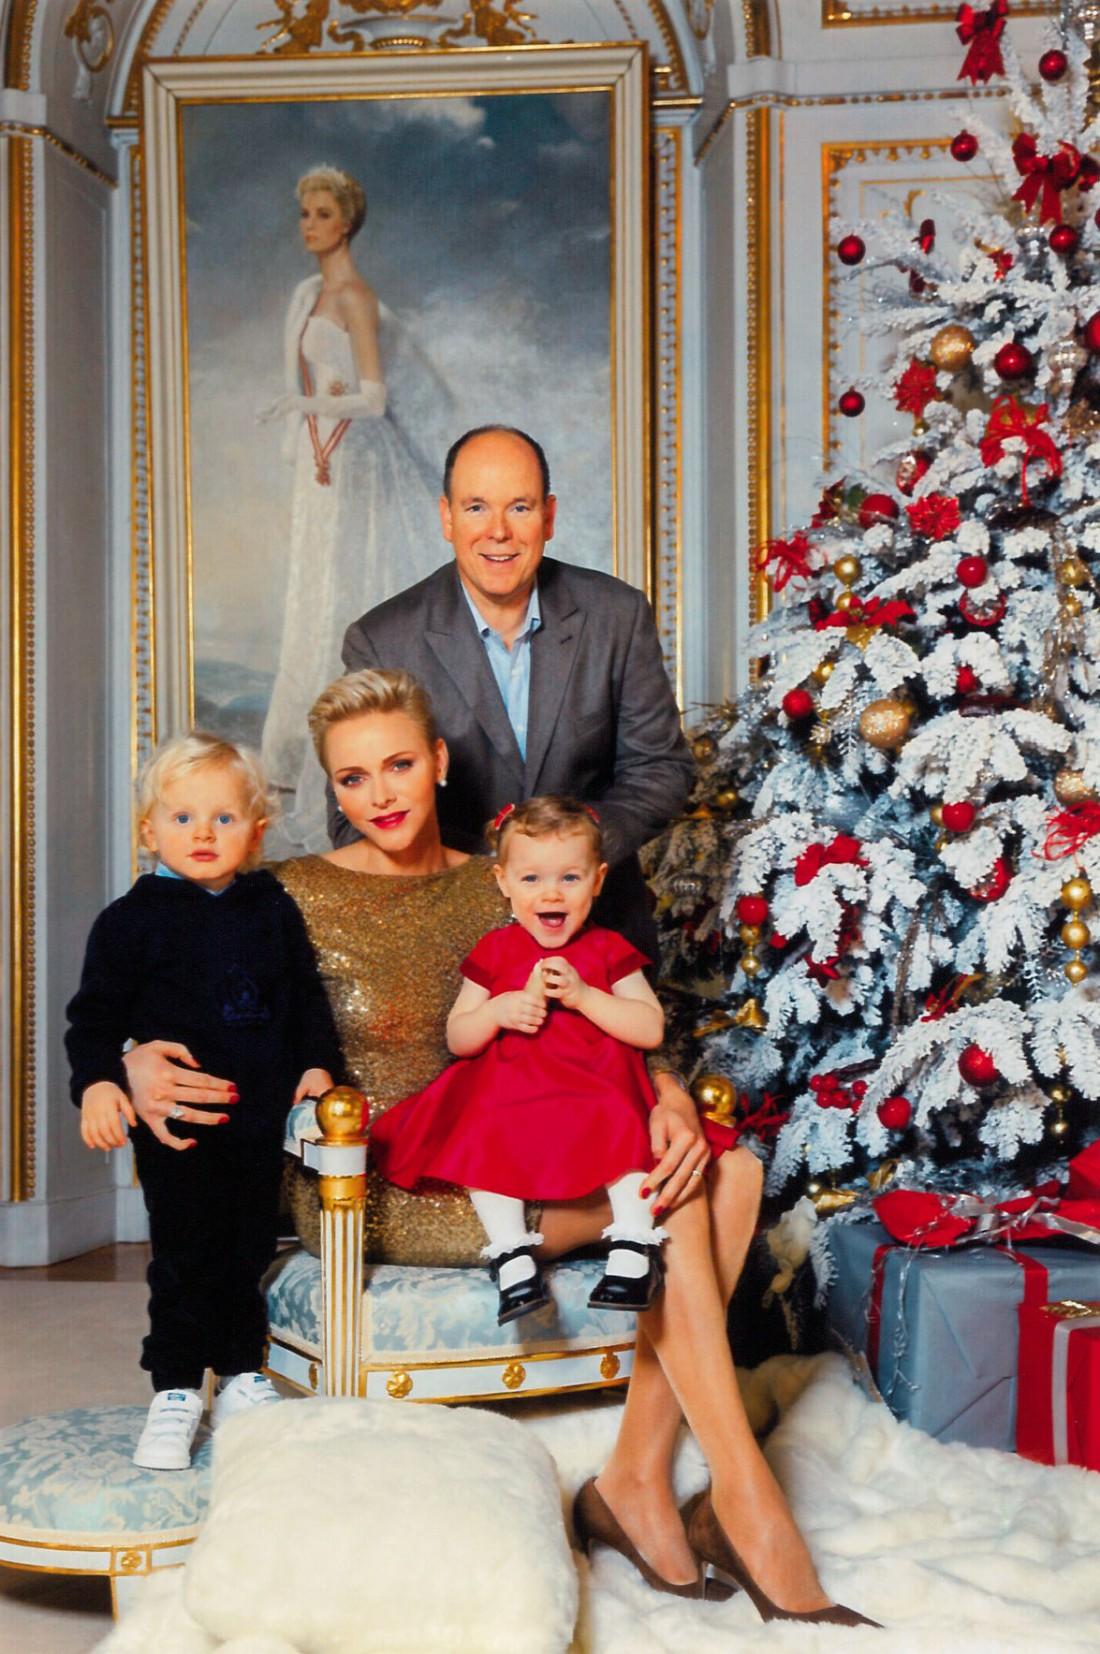 Князь Альбер II и княгиня Шарлен с детьми